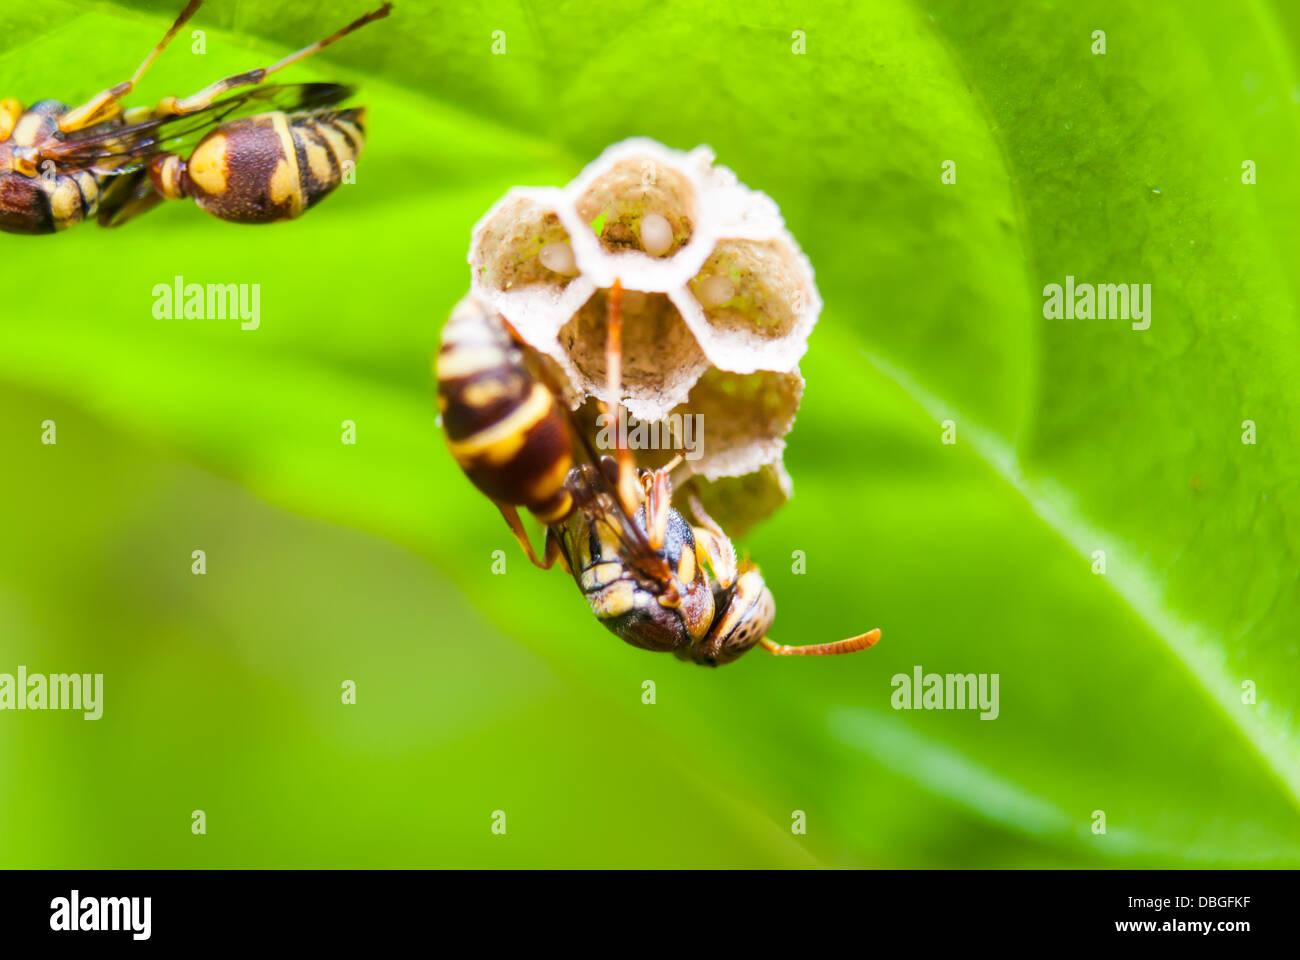 La Wasp Nest sulla foglia verde. Immagini Stock